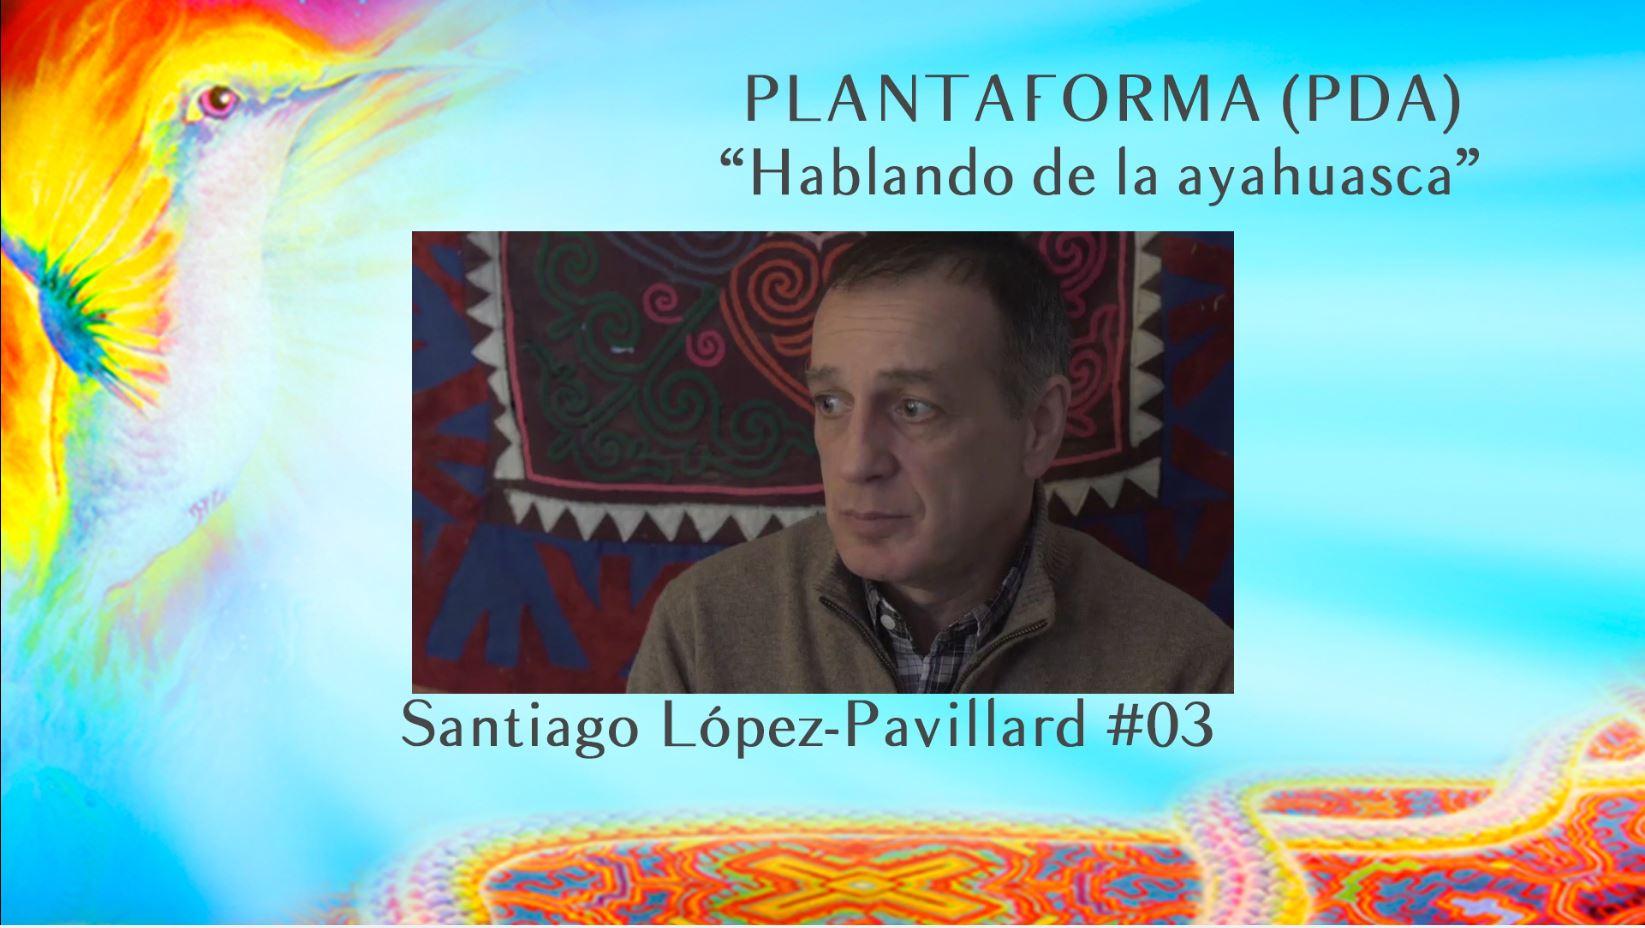 Hablando_de_la_ayahuasca__3_1.JPG